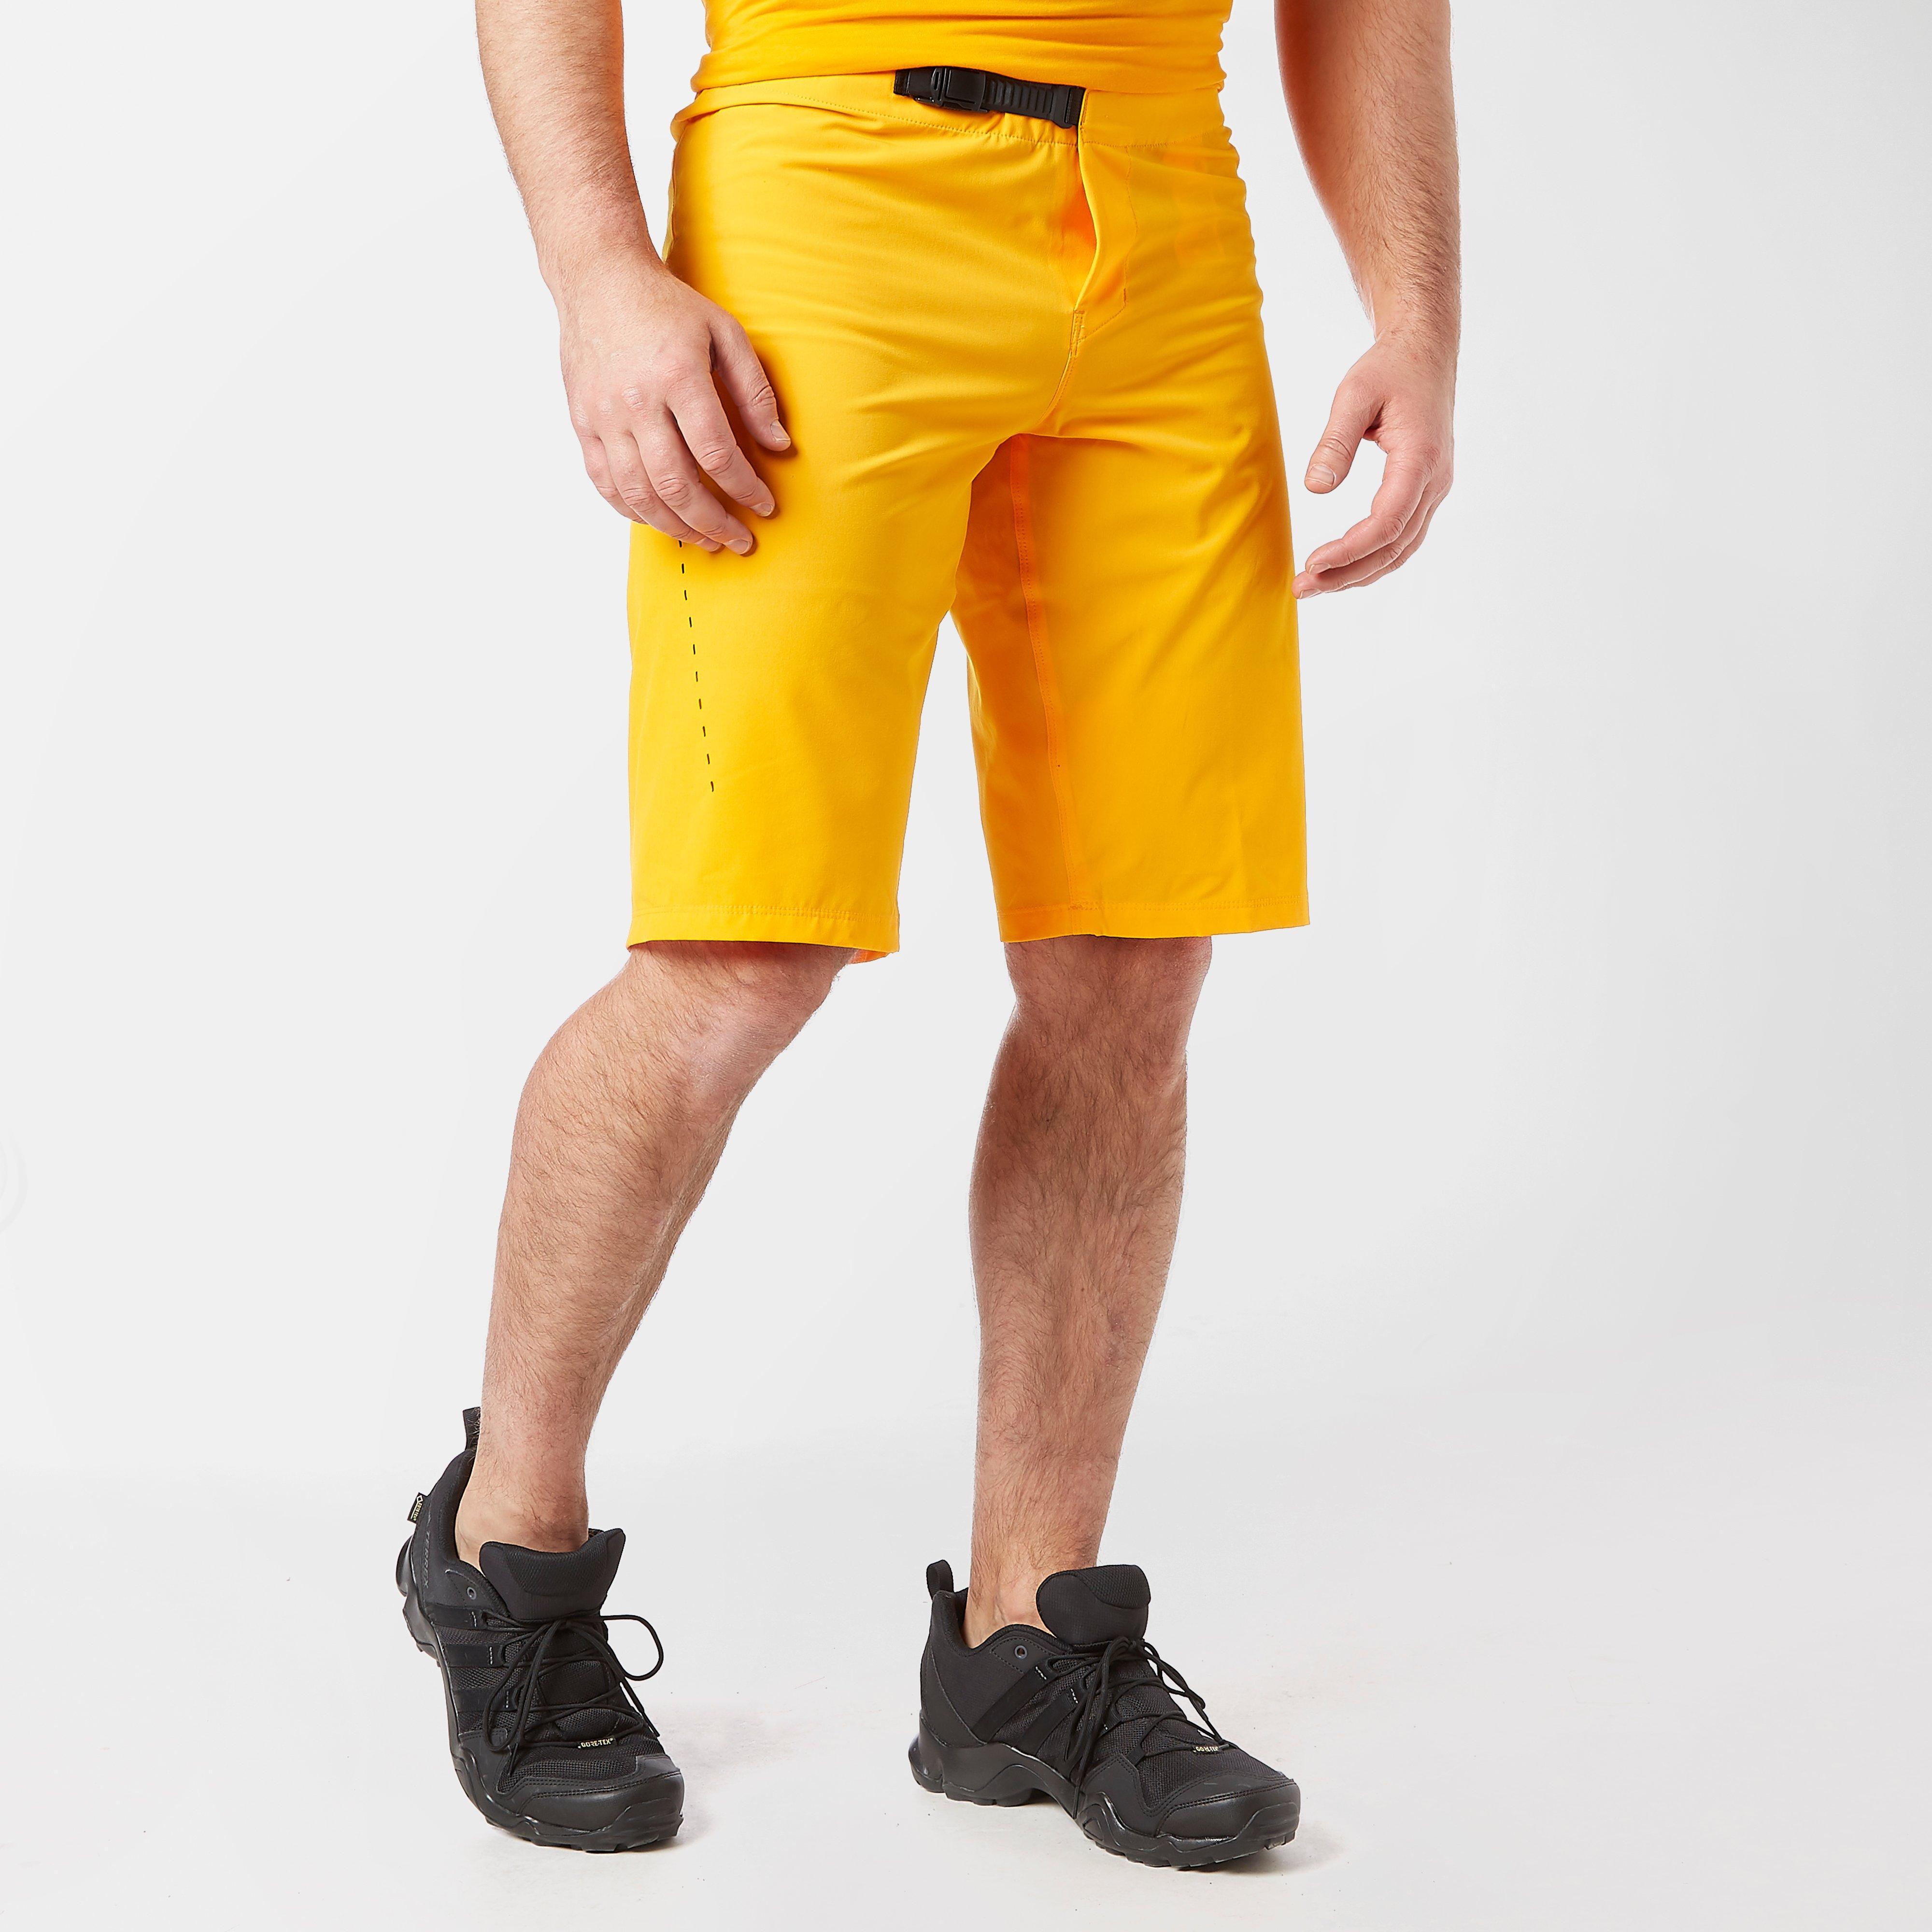 FOX Fox Mens Flexair Lite Mountain Bike Shorts - Orange, Orange